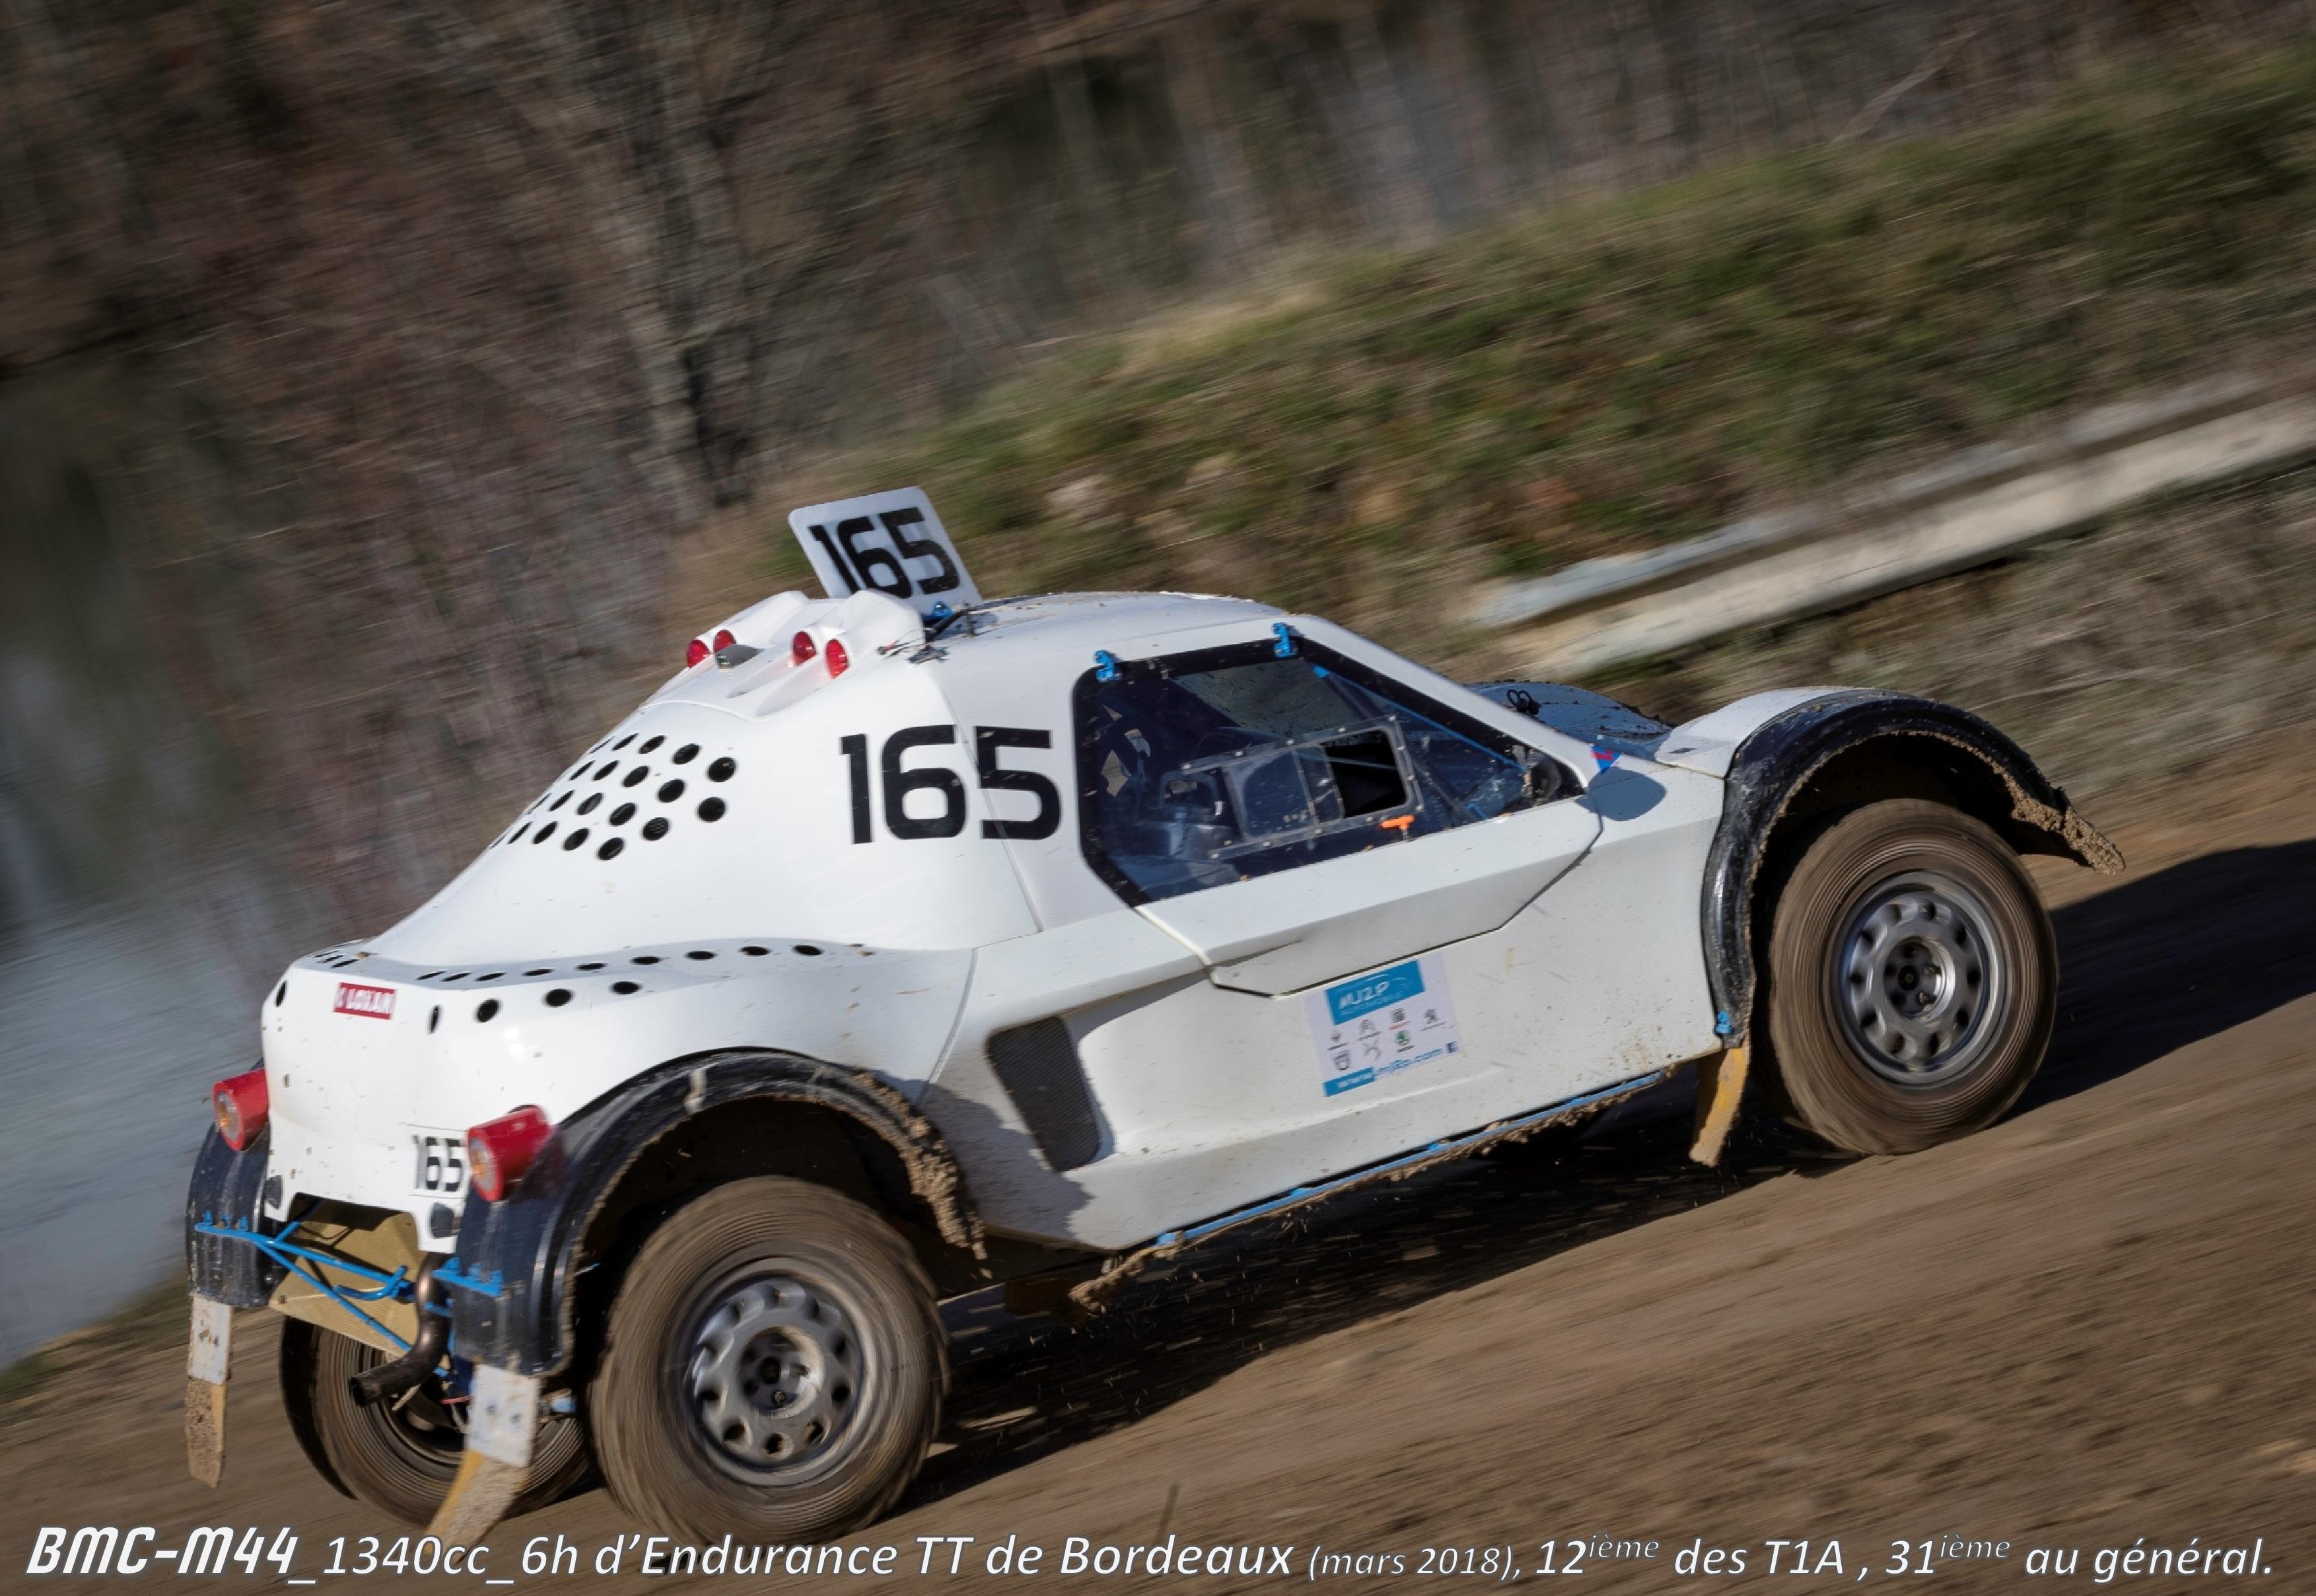 BMC-M44_Saison 2018_S. GARICOIX - J. GARICOIX_ (1)